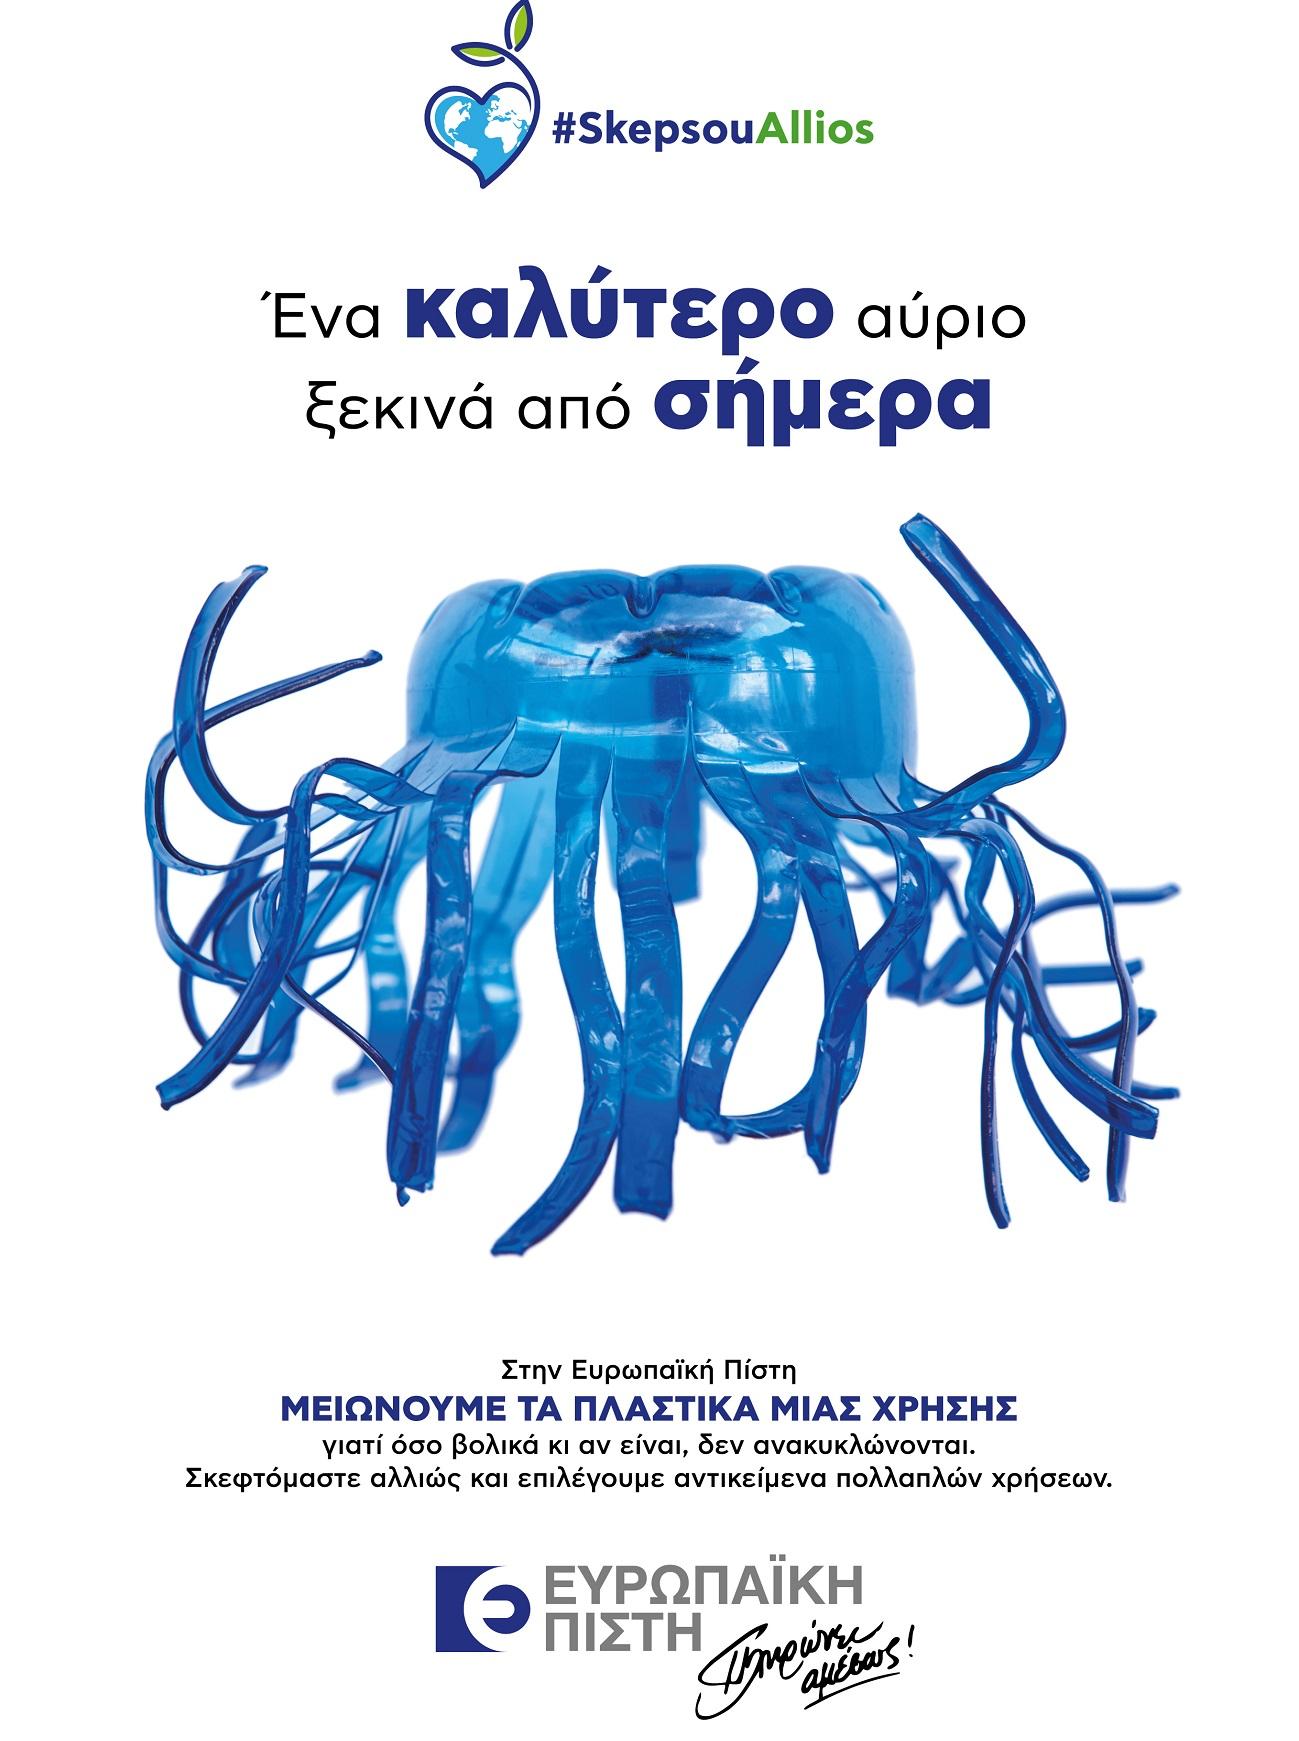 Ευρωπαϊκή Πίστη-SkepsouAllios